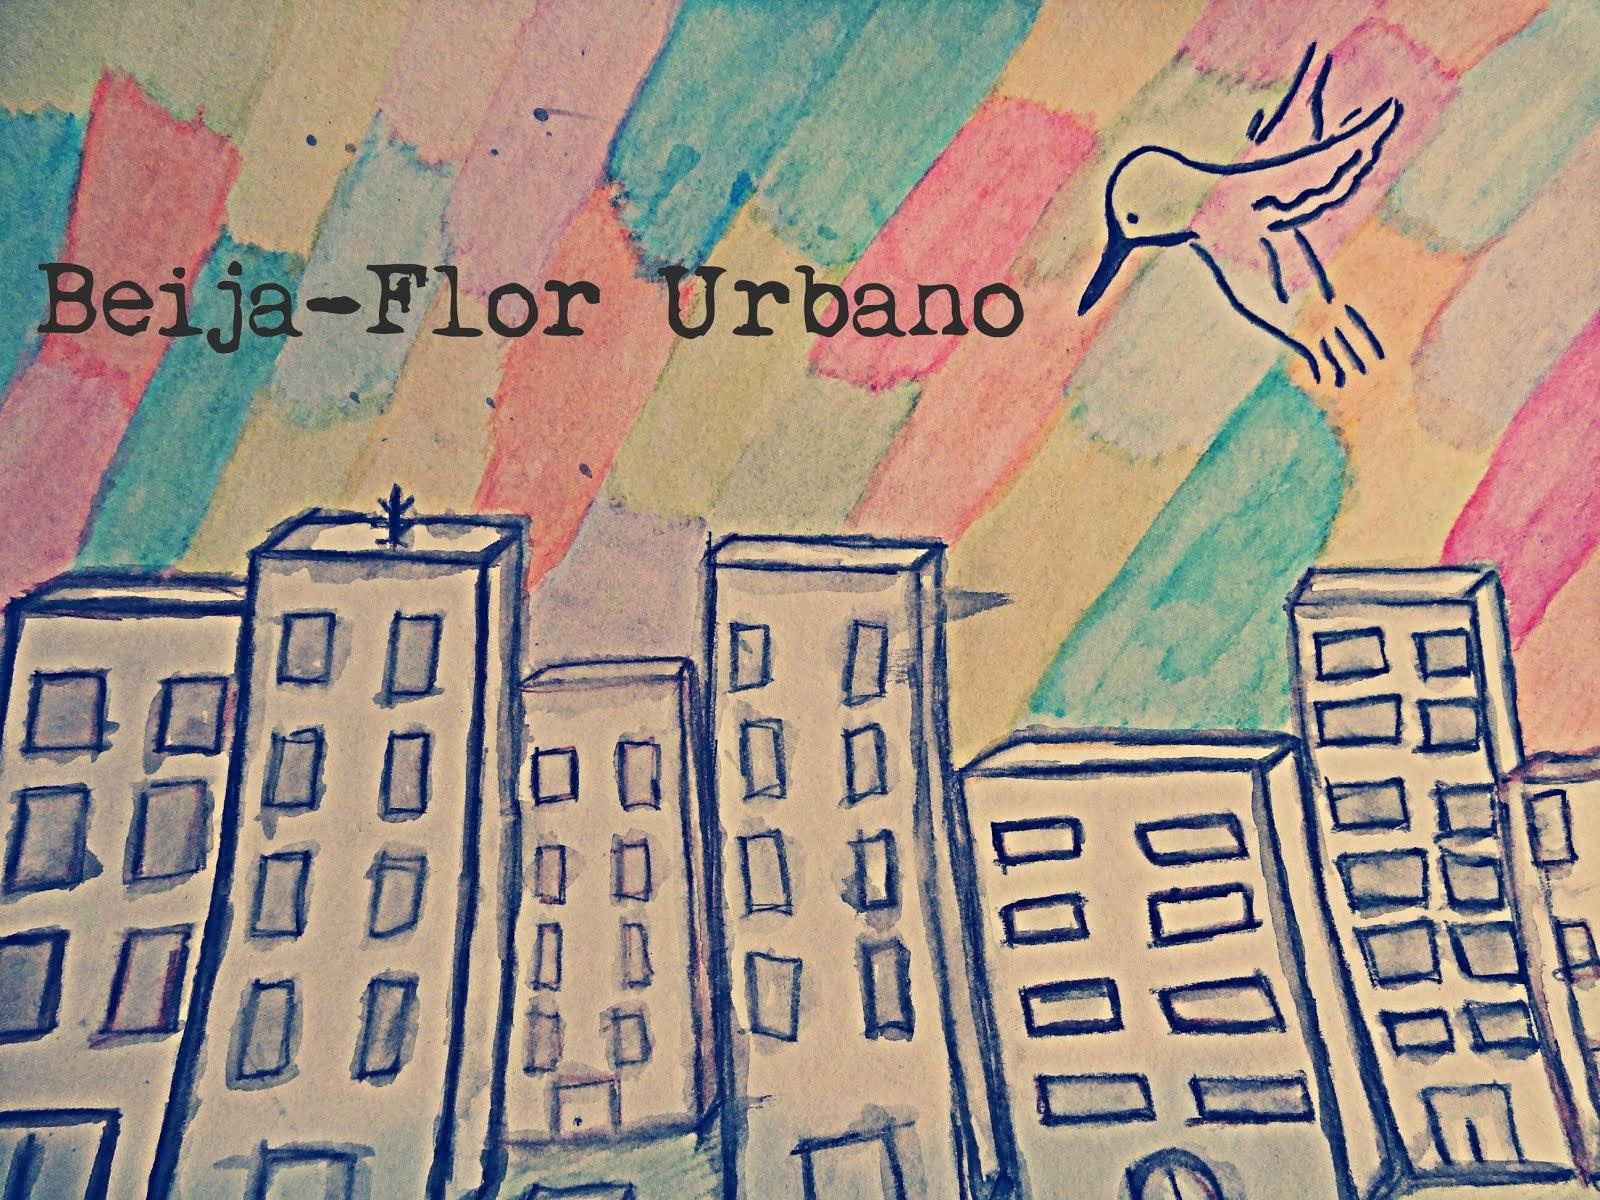 Beija Flor Urbano